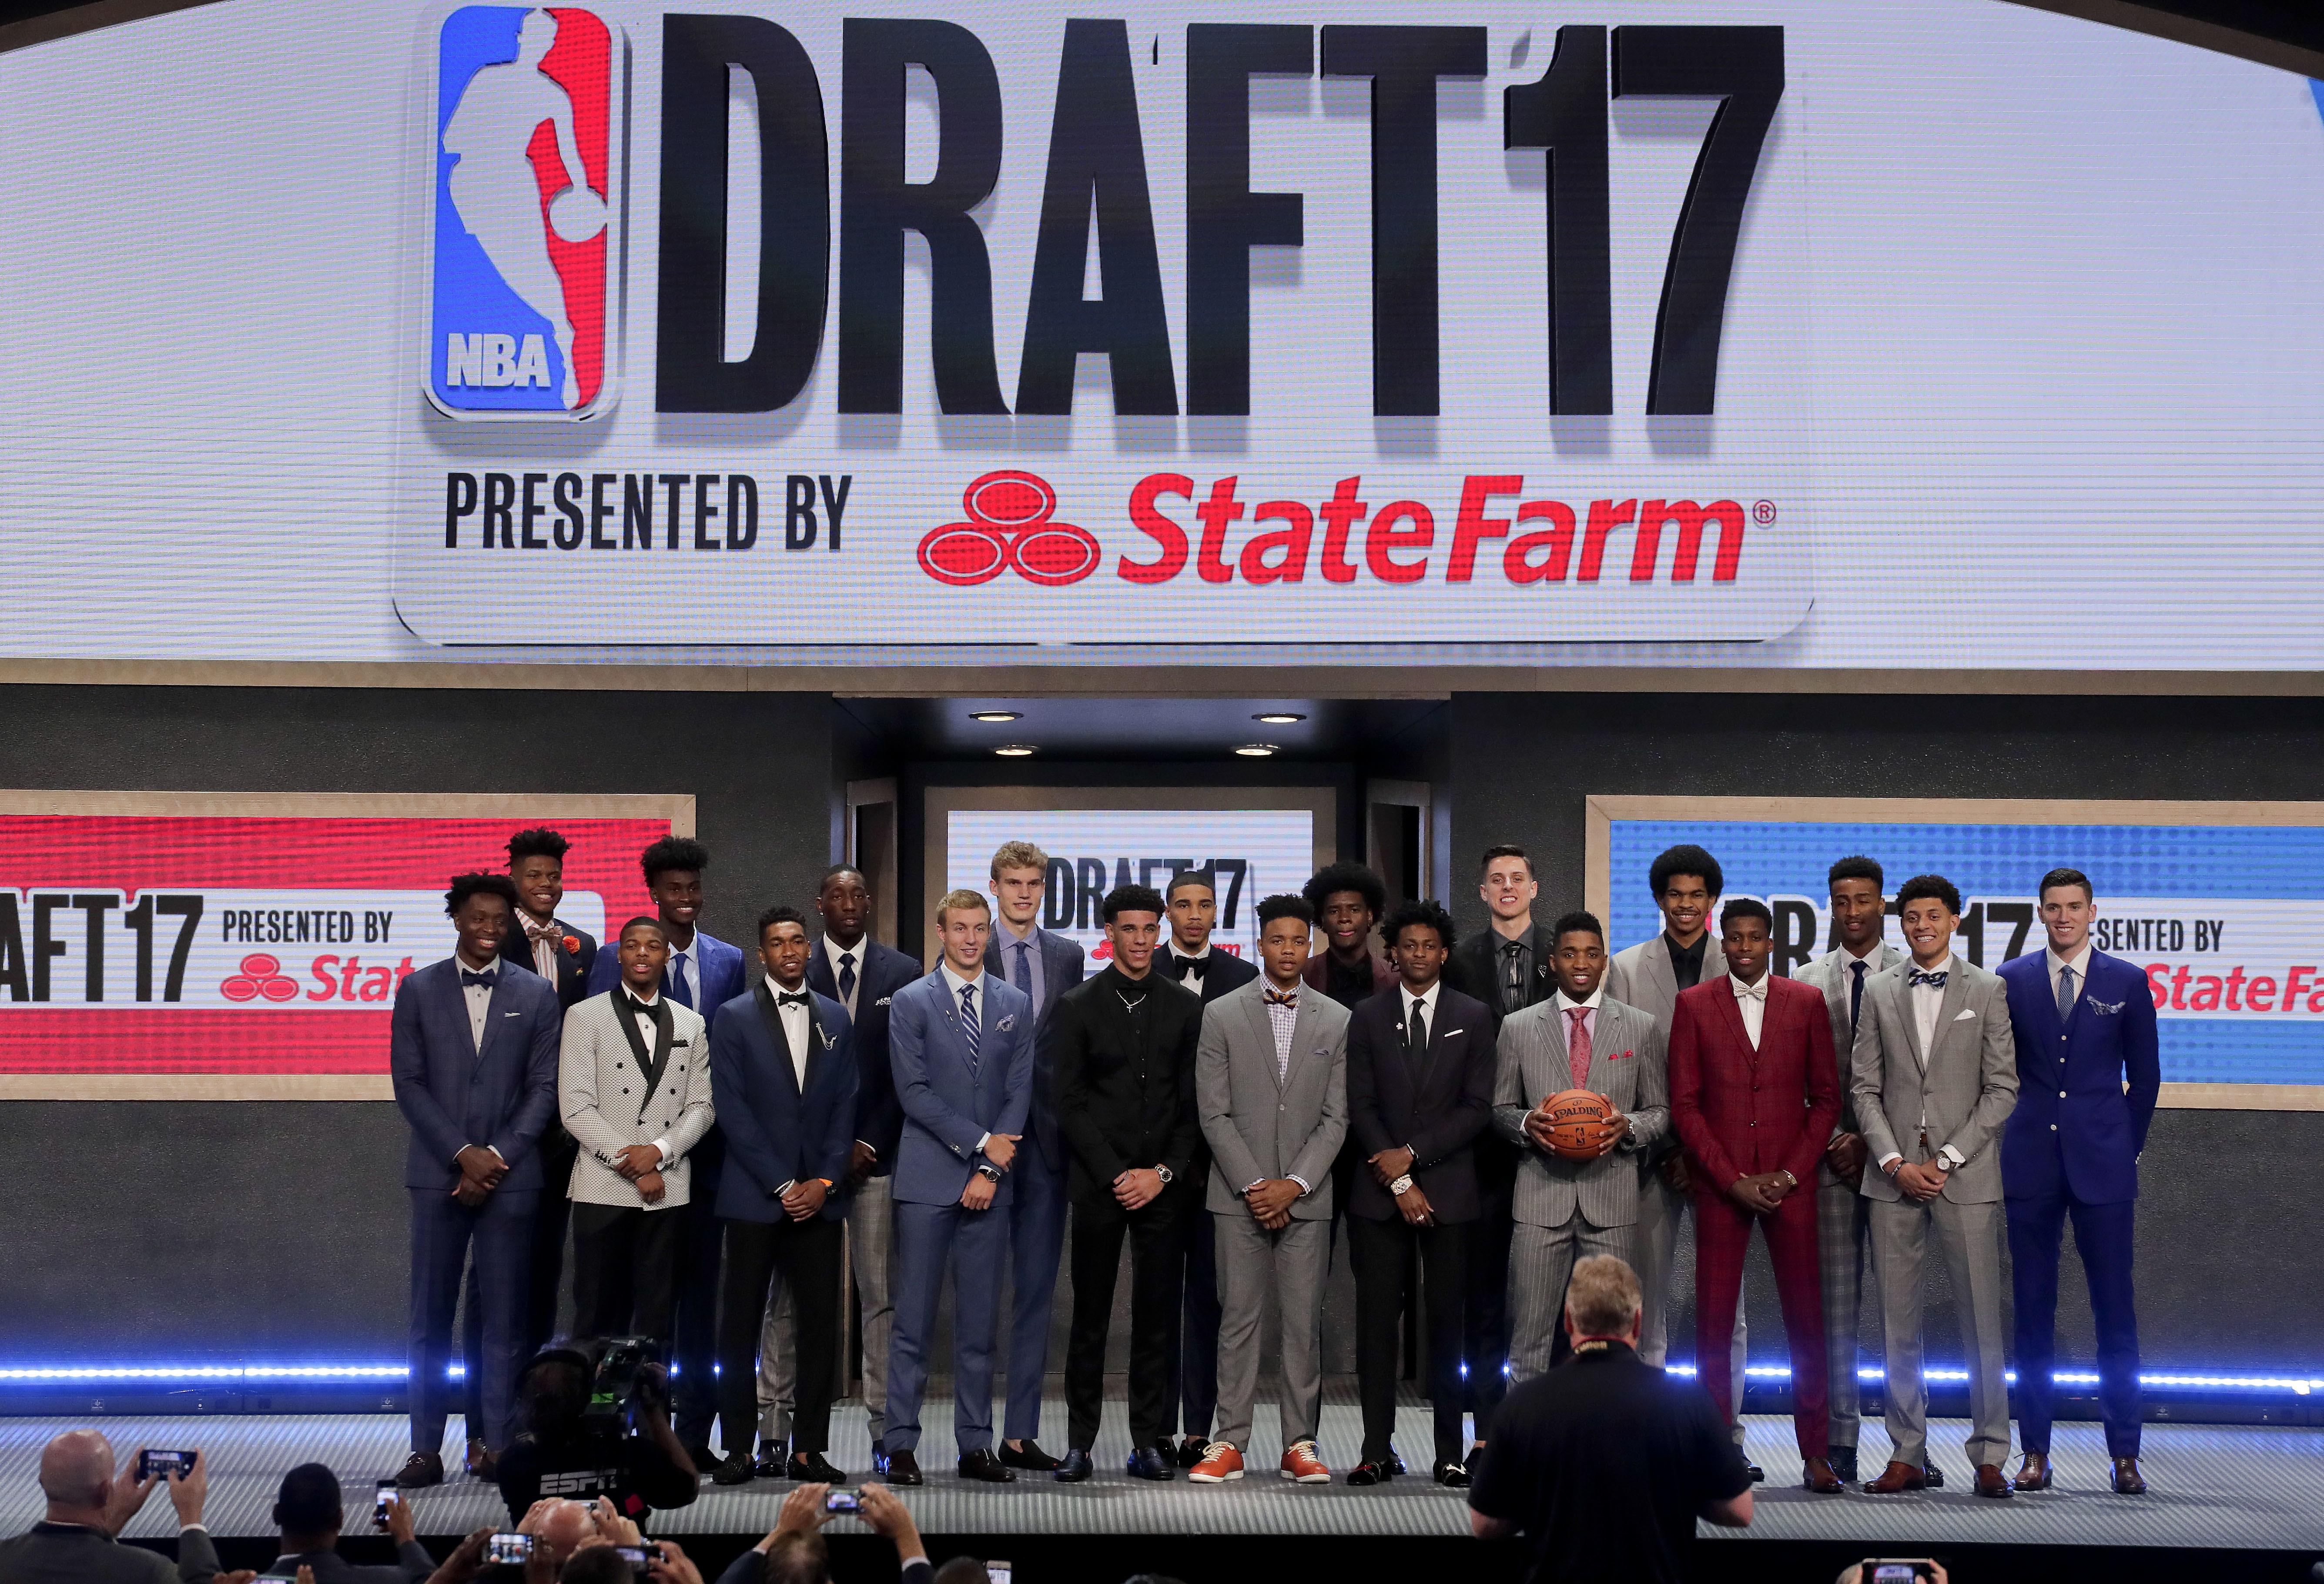 Nba_draft_basketball_74465